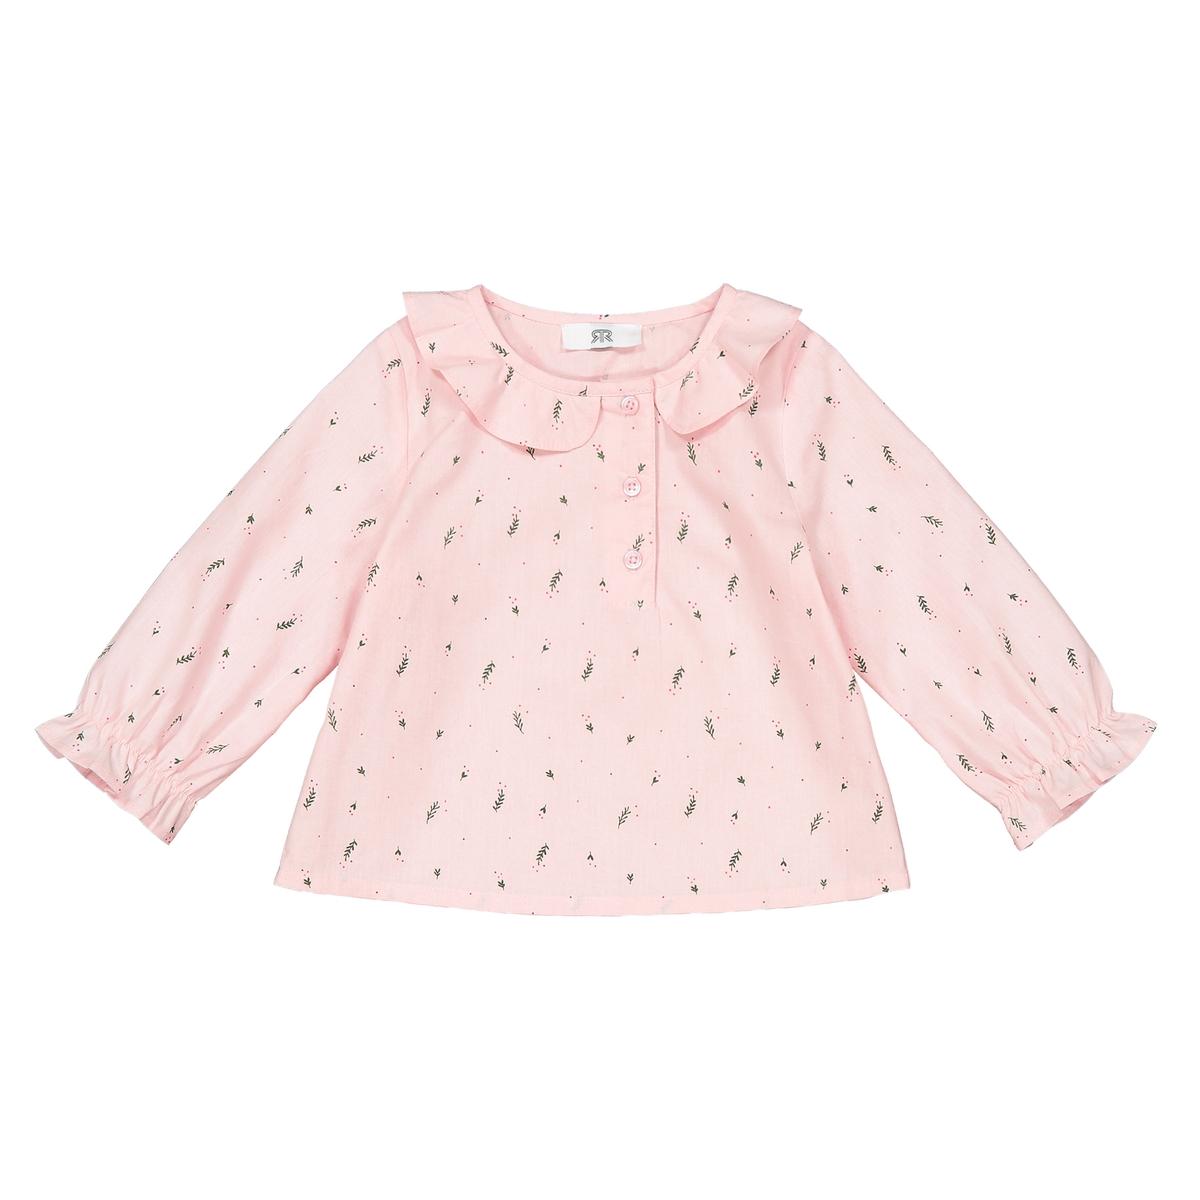 Блузка La Redoute С воротником и рисунком листочки месяц- года 1 мес. - 54 см розовый блузка la redoute с отложным воротником с вышивкой мес года 1 мес 54 см красный